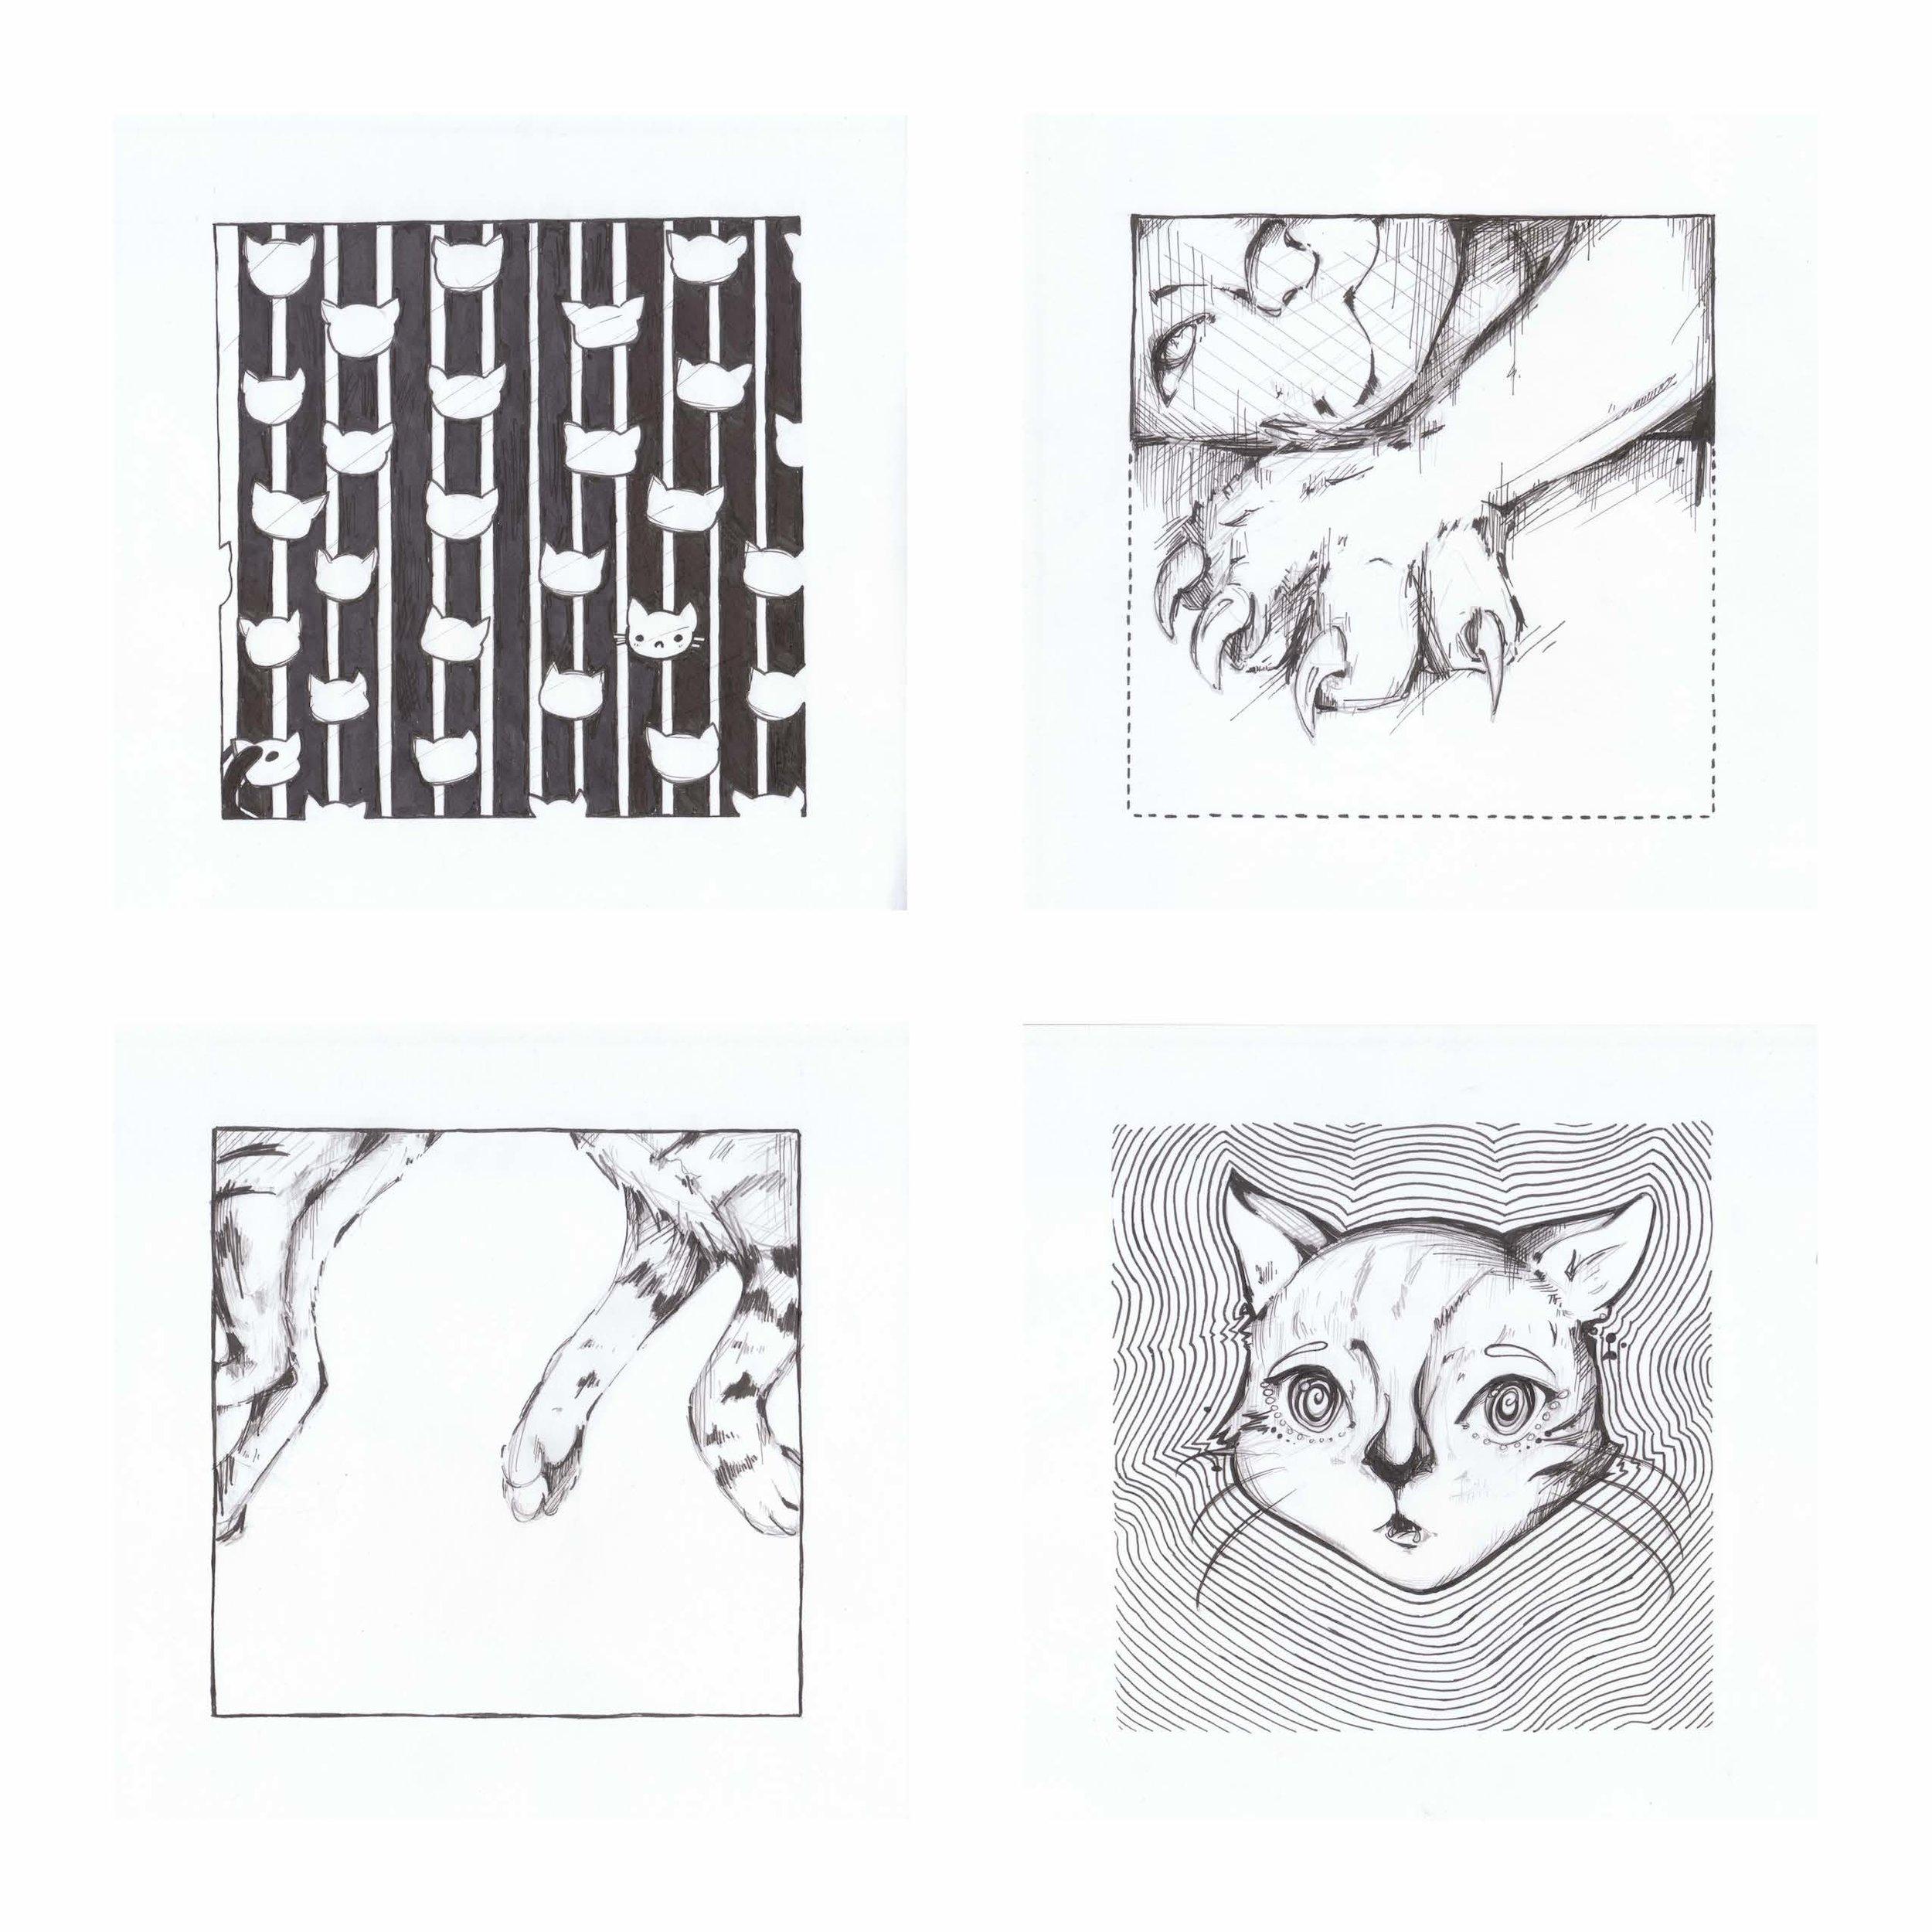 2d_Series_Cats copy.jpg